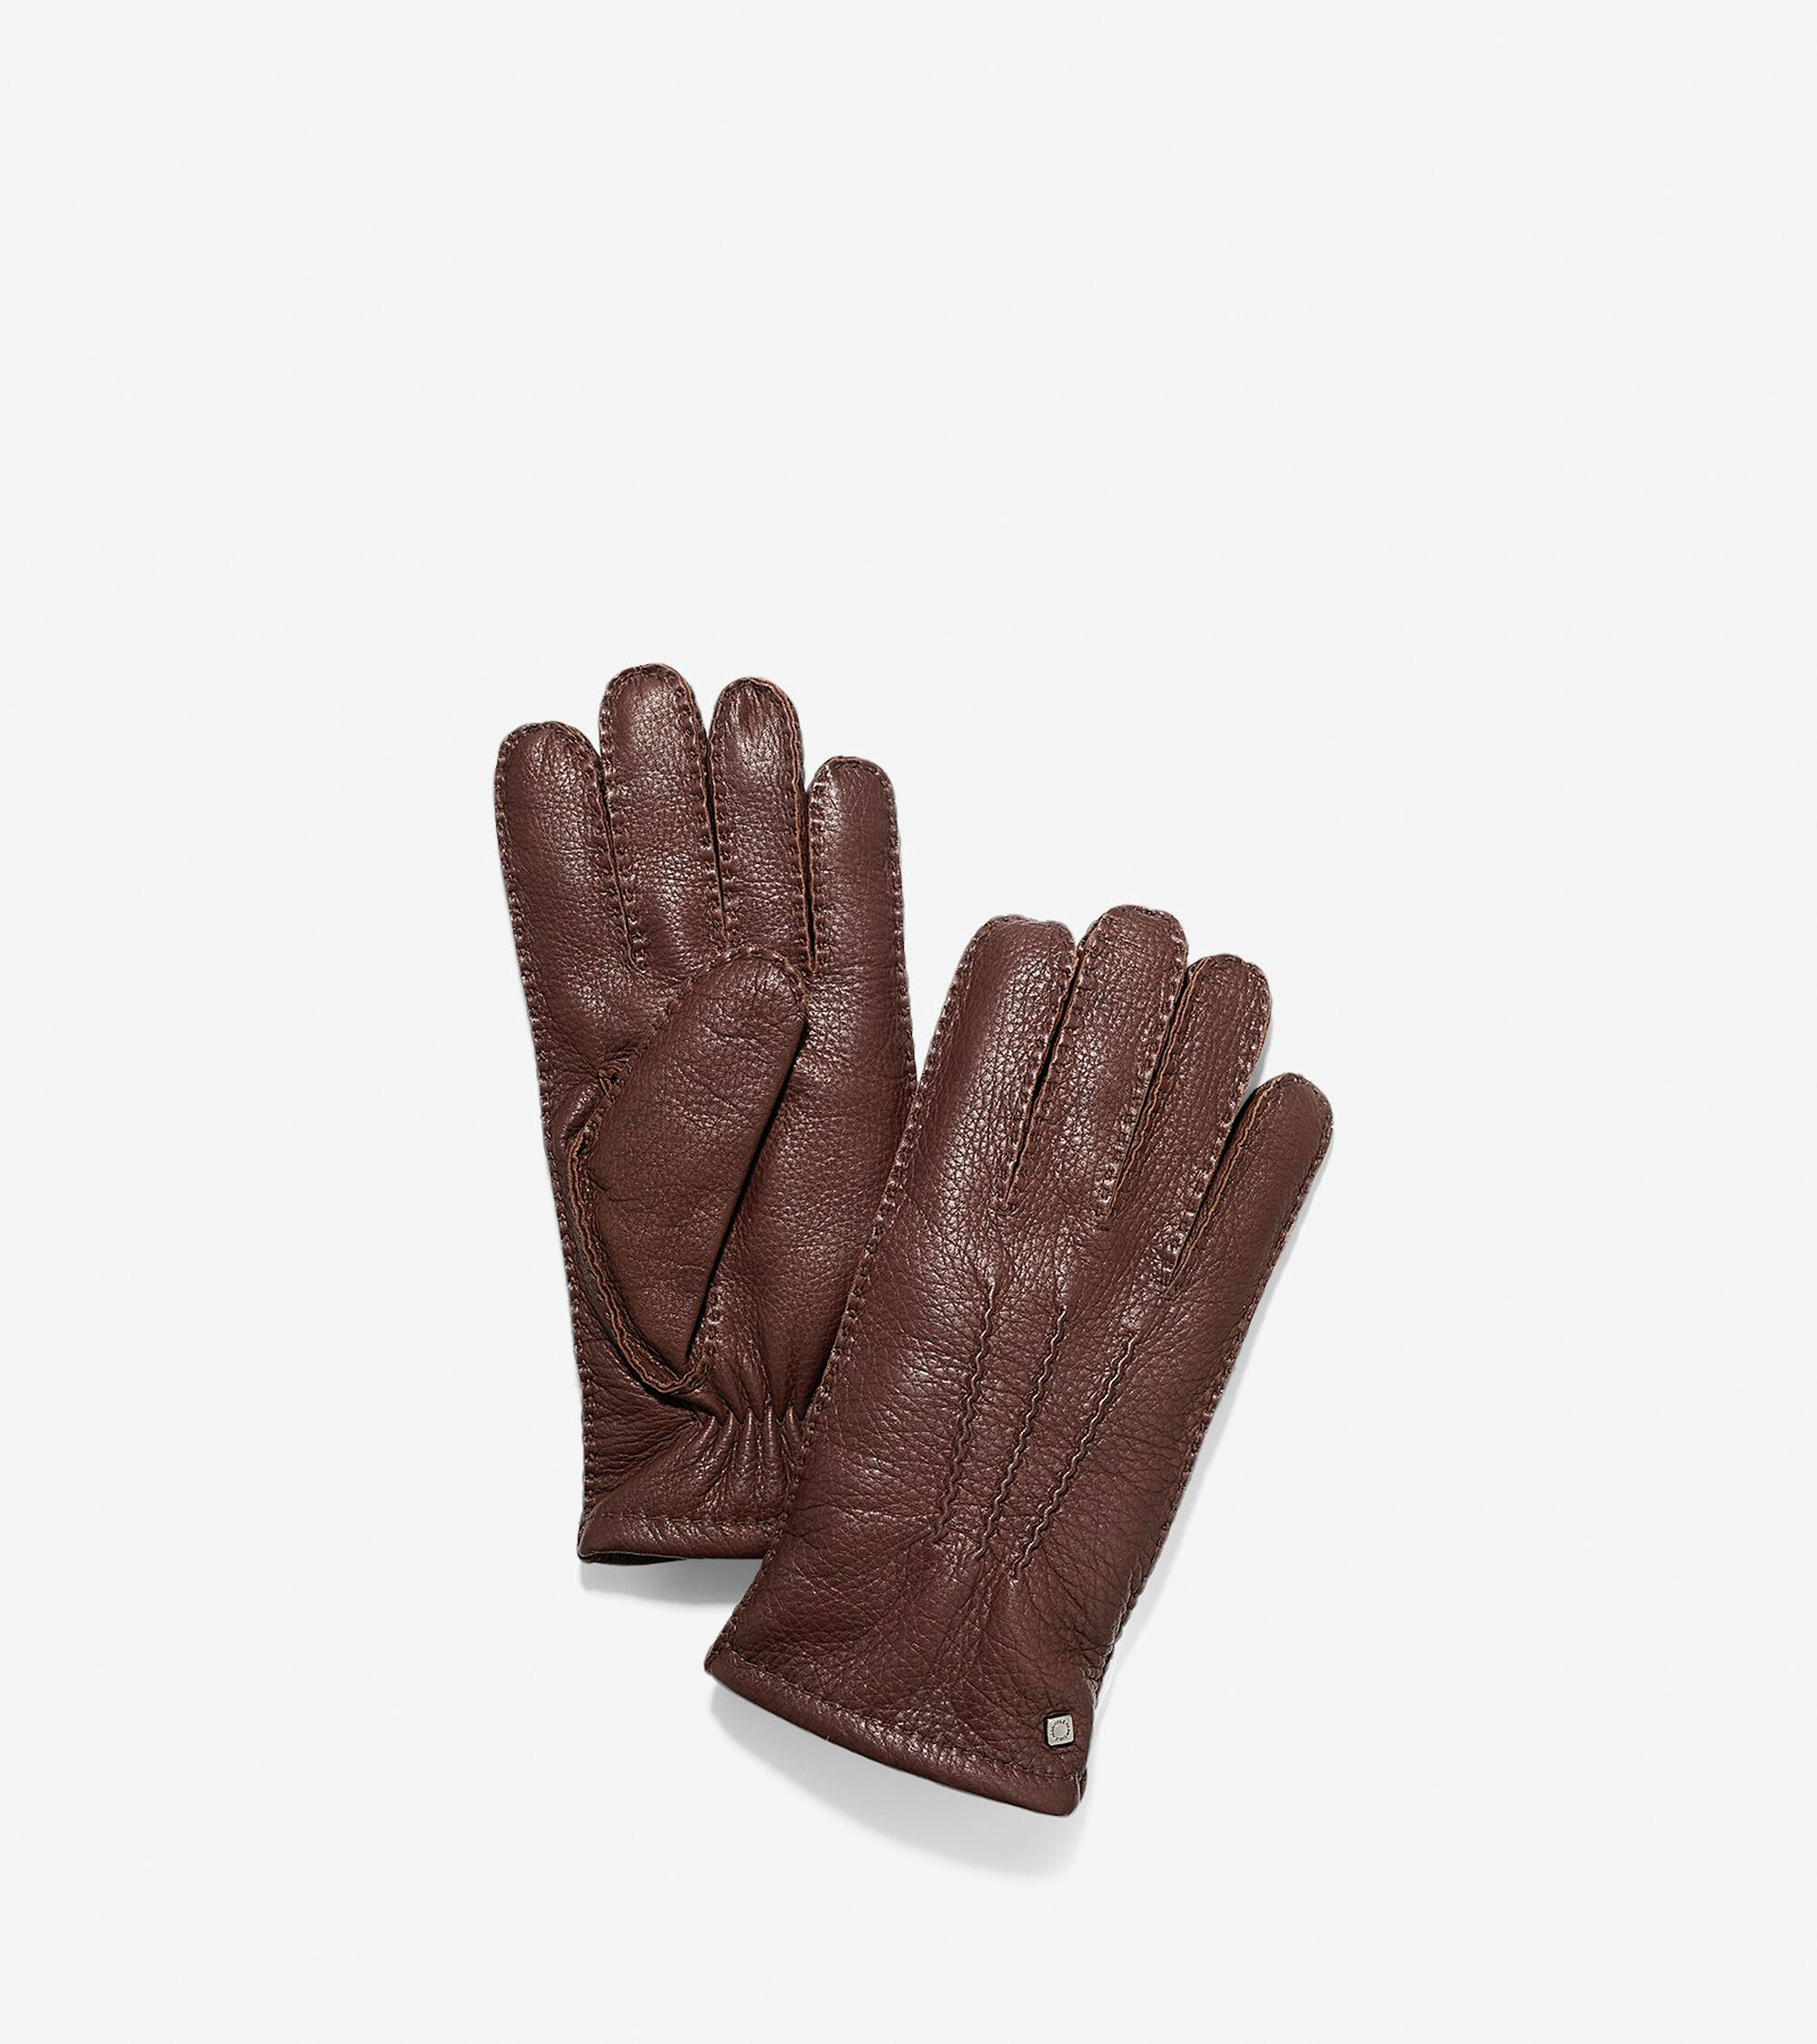 Scarves, Gloves & Hats > Handsewn Deerskin Leather Gloves